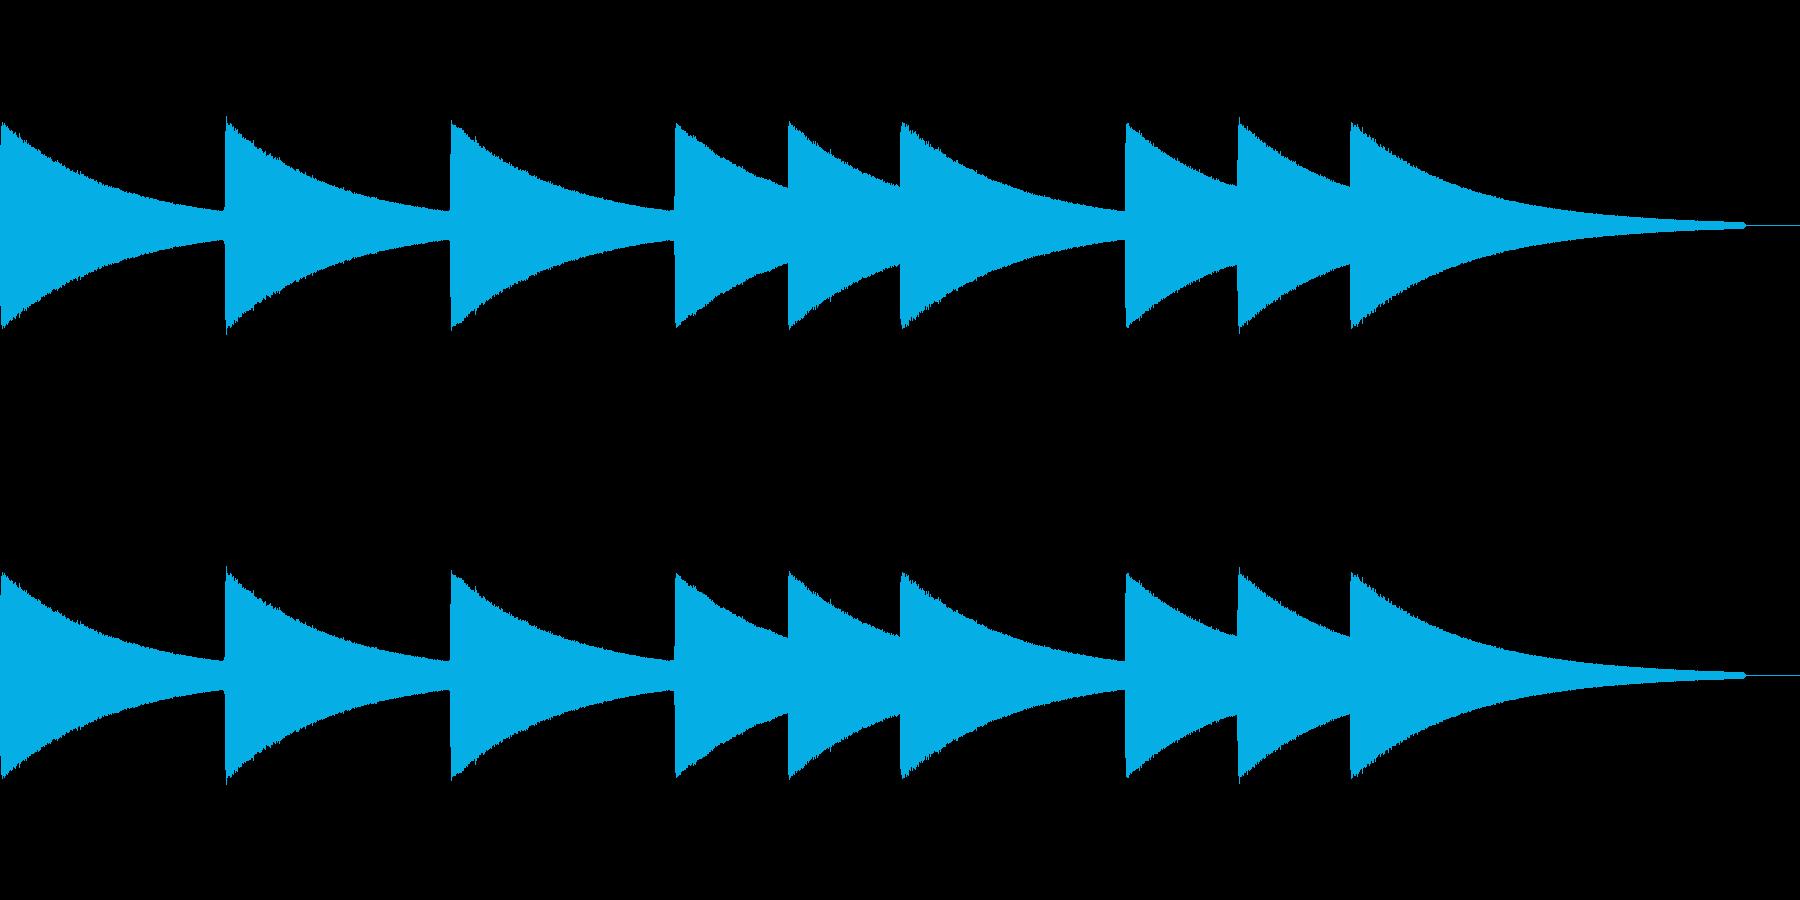 コンビニの入店音をイメージしたジングル…の再生済みの波形